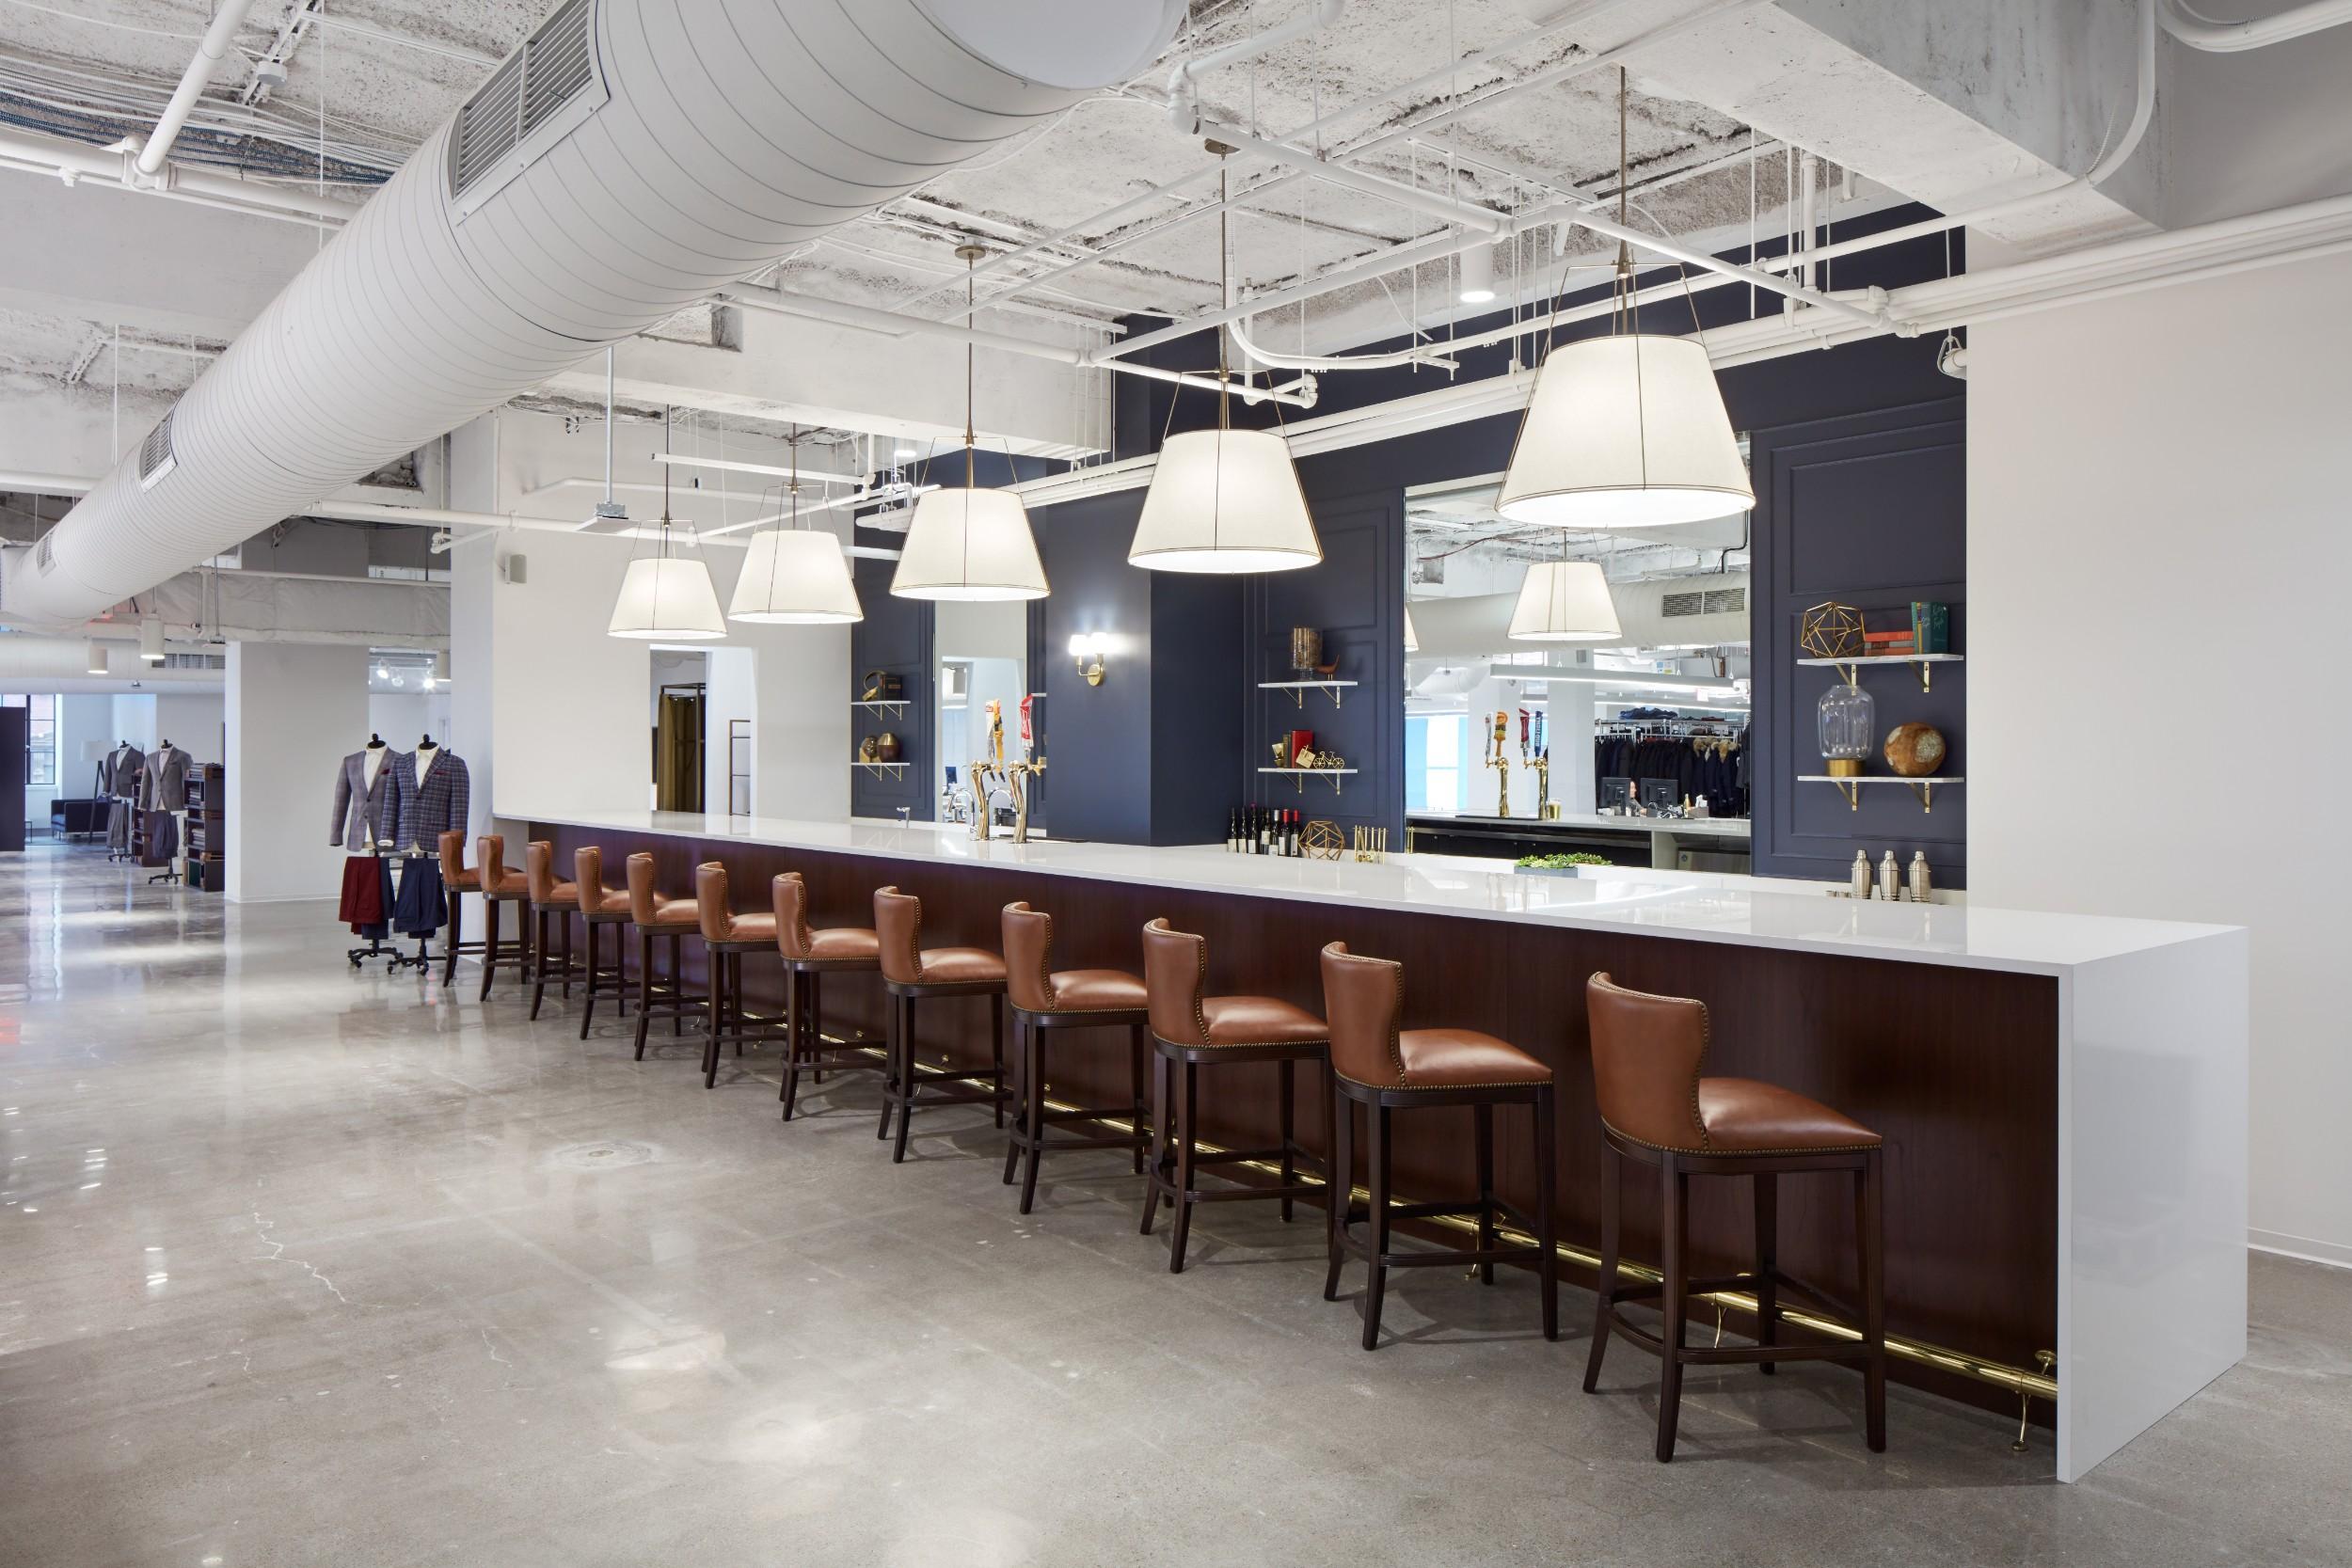 Trunk_Club_Boston_Bar_Construction_Wide.jpg